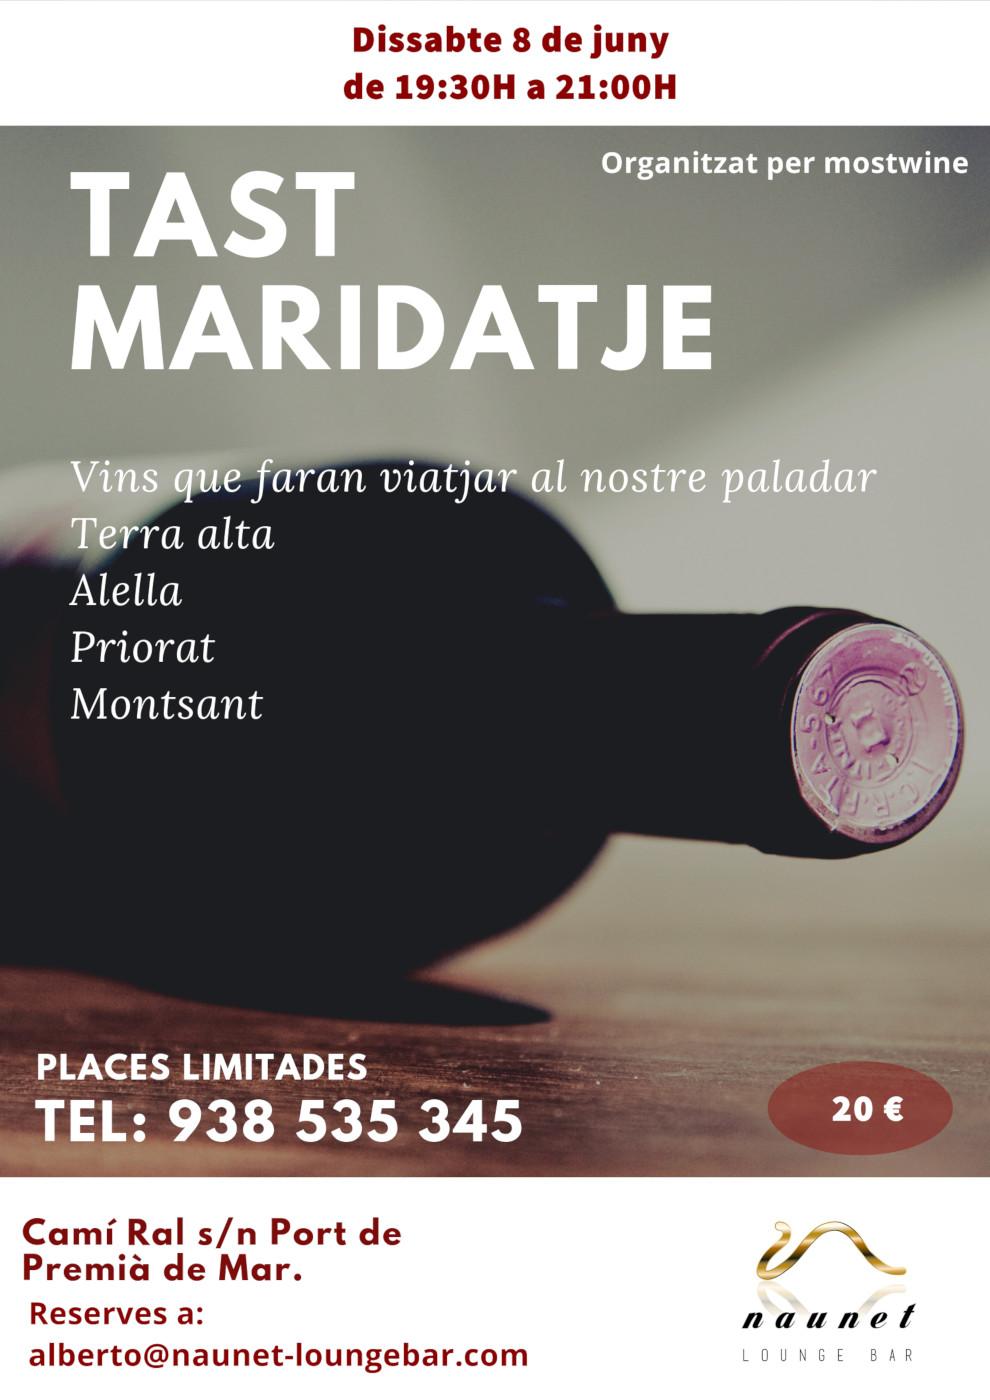 Tast Maridatje Naunet Lounge Bar